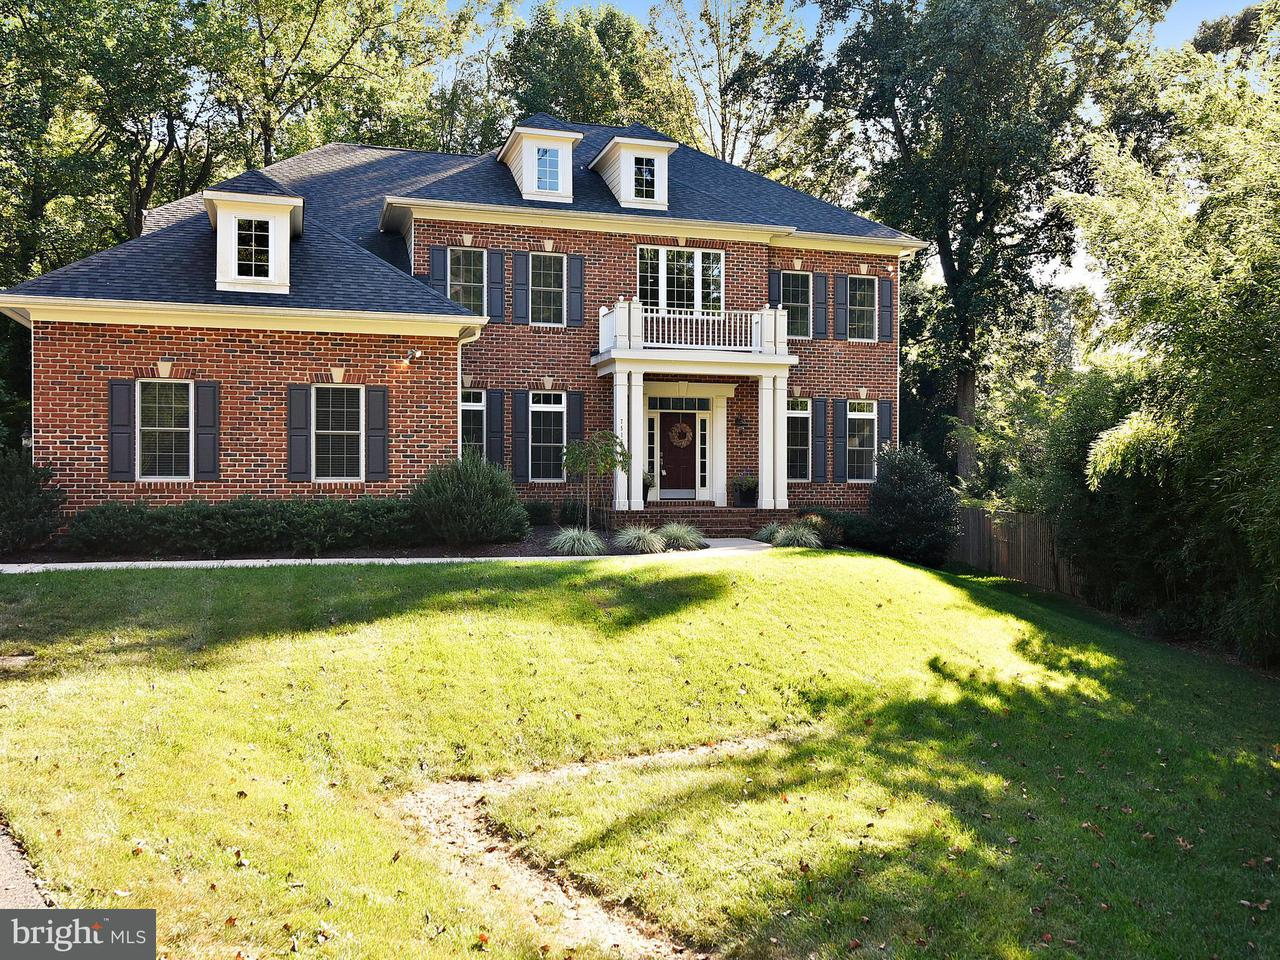 Частный односемейный дом для того Продажа на 7515 WALTON Lane 7515 WALTON Lane Annandale, Виргиния 22003 Соединенные Штаты